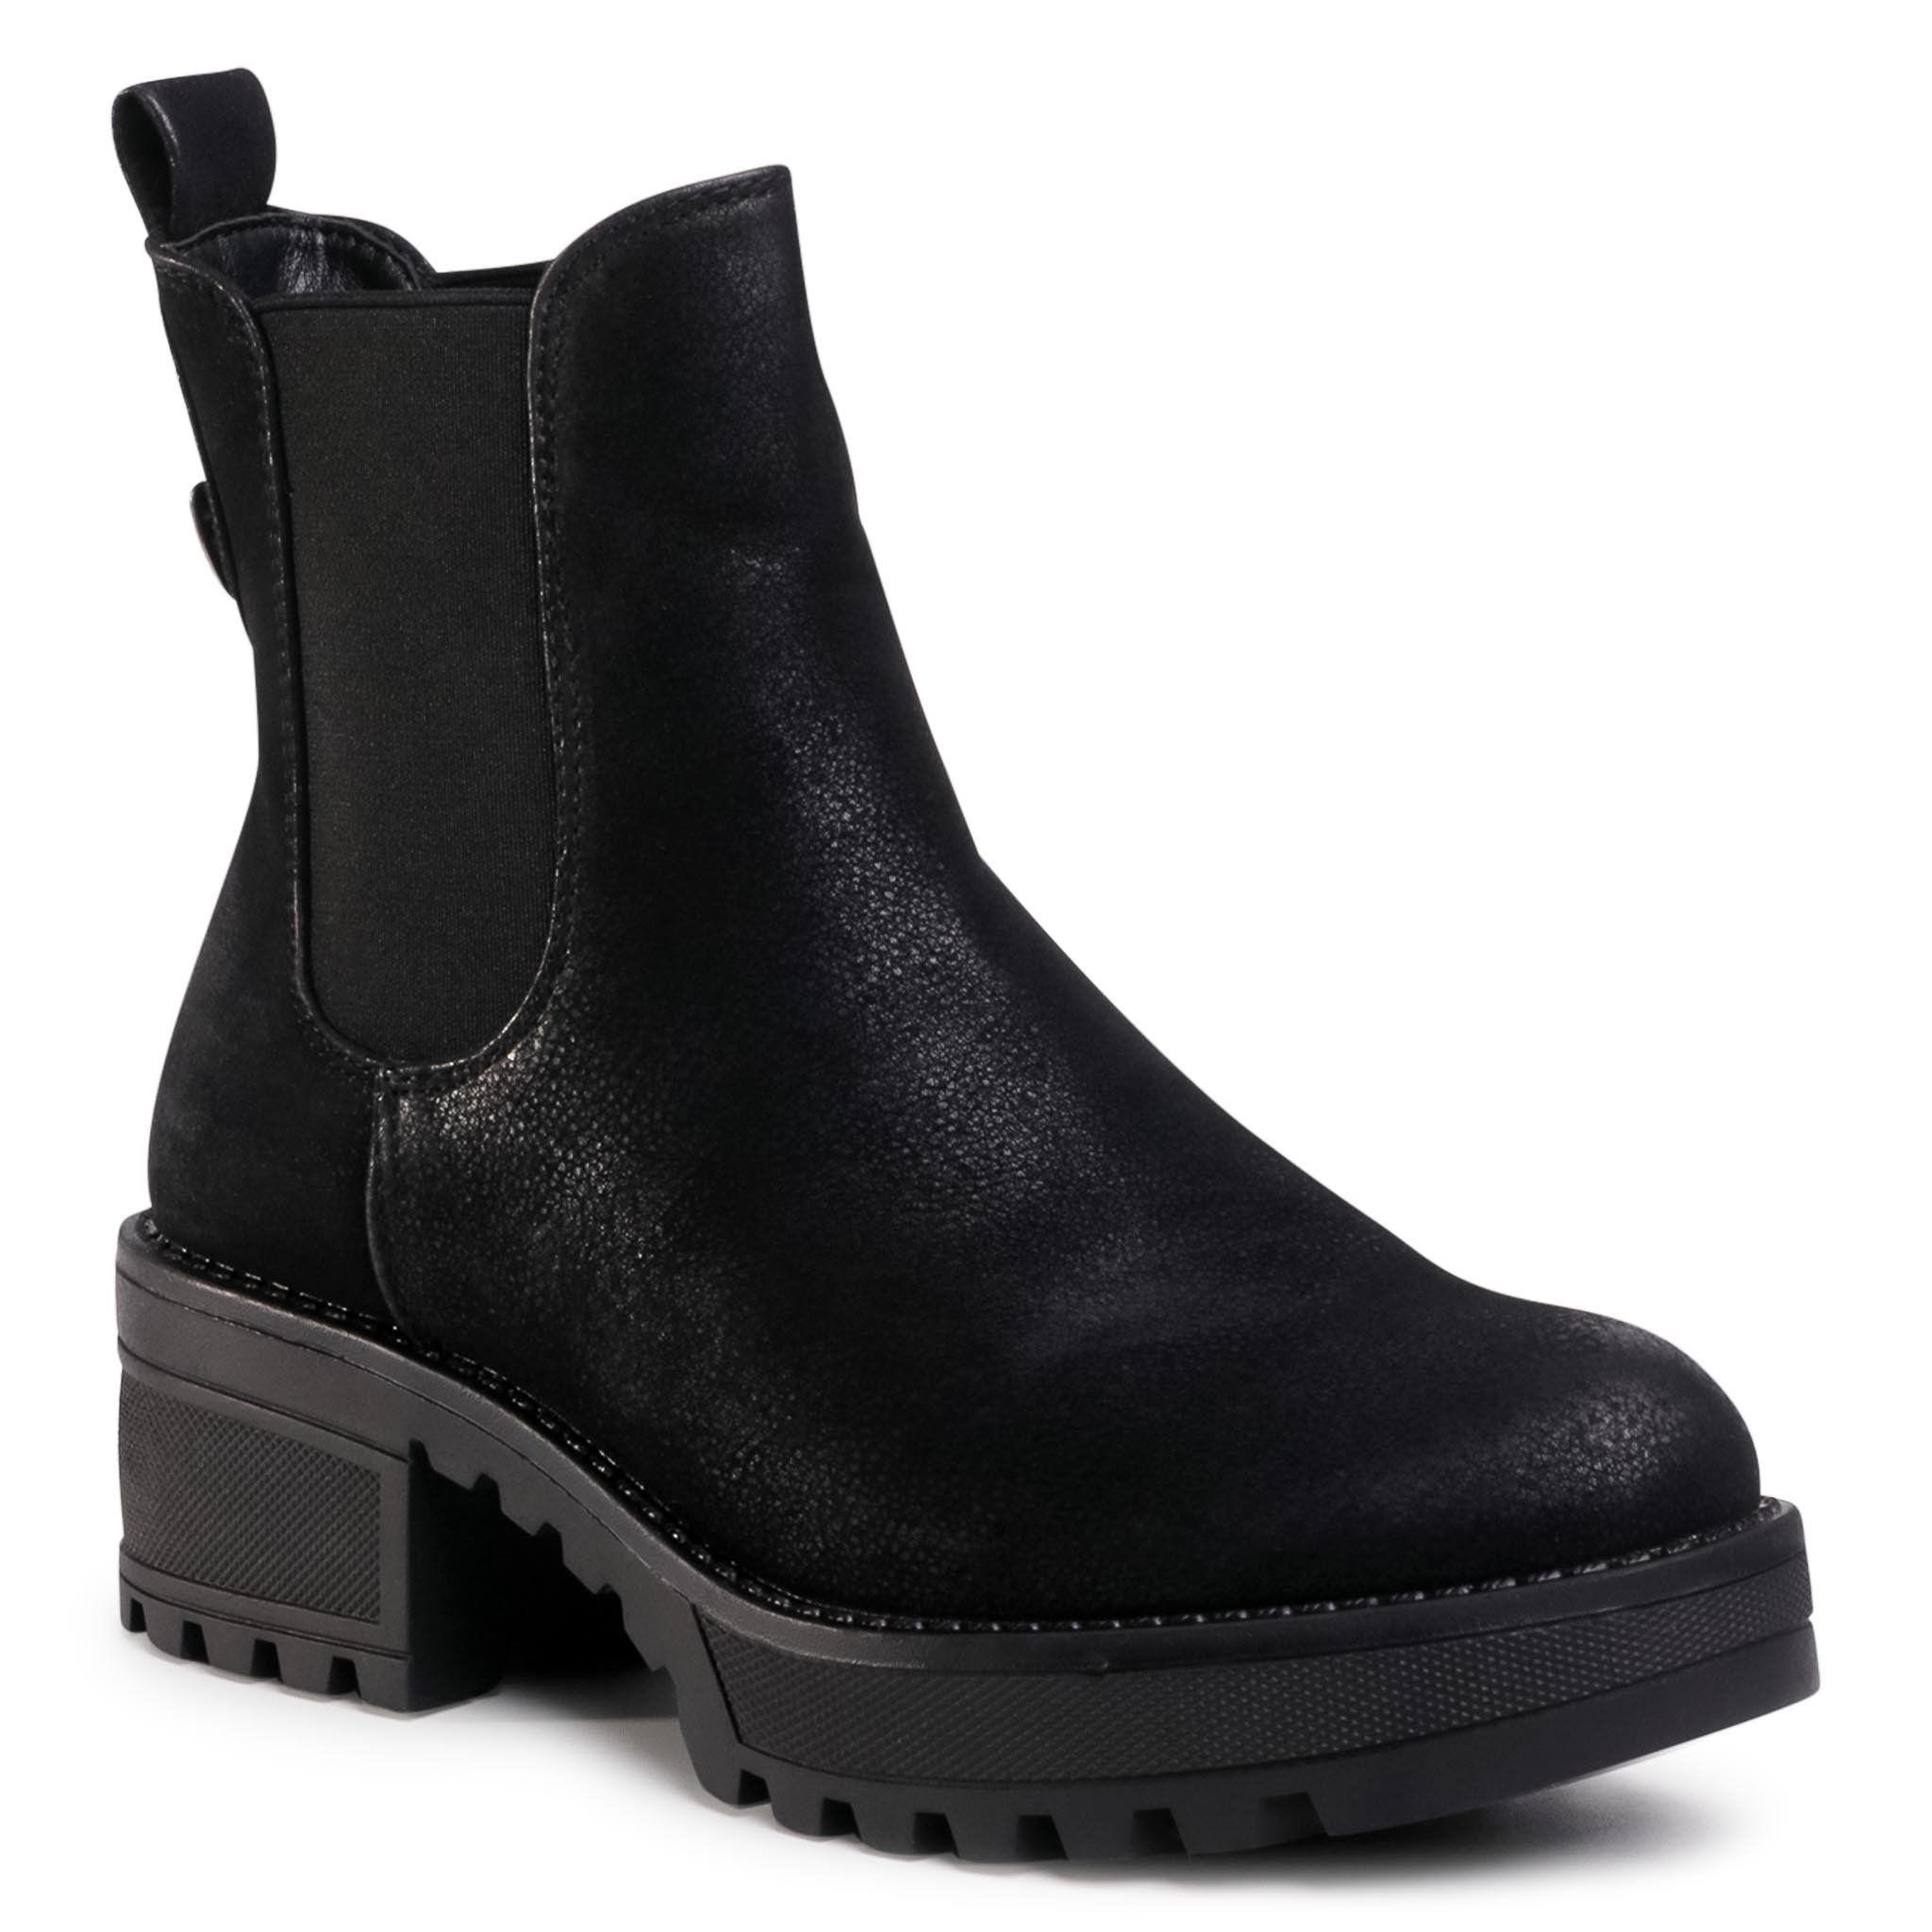 Wybierz Botki Jenny Fairy Wsa20243 01 Czarny I Zaskakuj Stylem Przekonaj Sie Ze Moda I Wygoda Ida W Parze Gwarancja Atrakcyjn Boots Chelsea Boots Ankle Boot